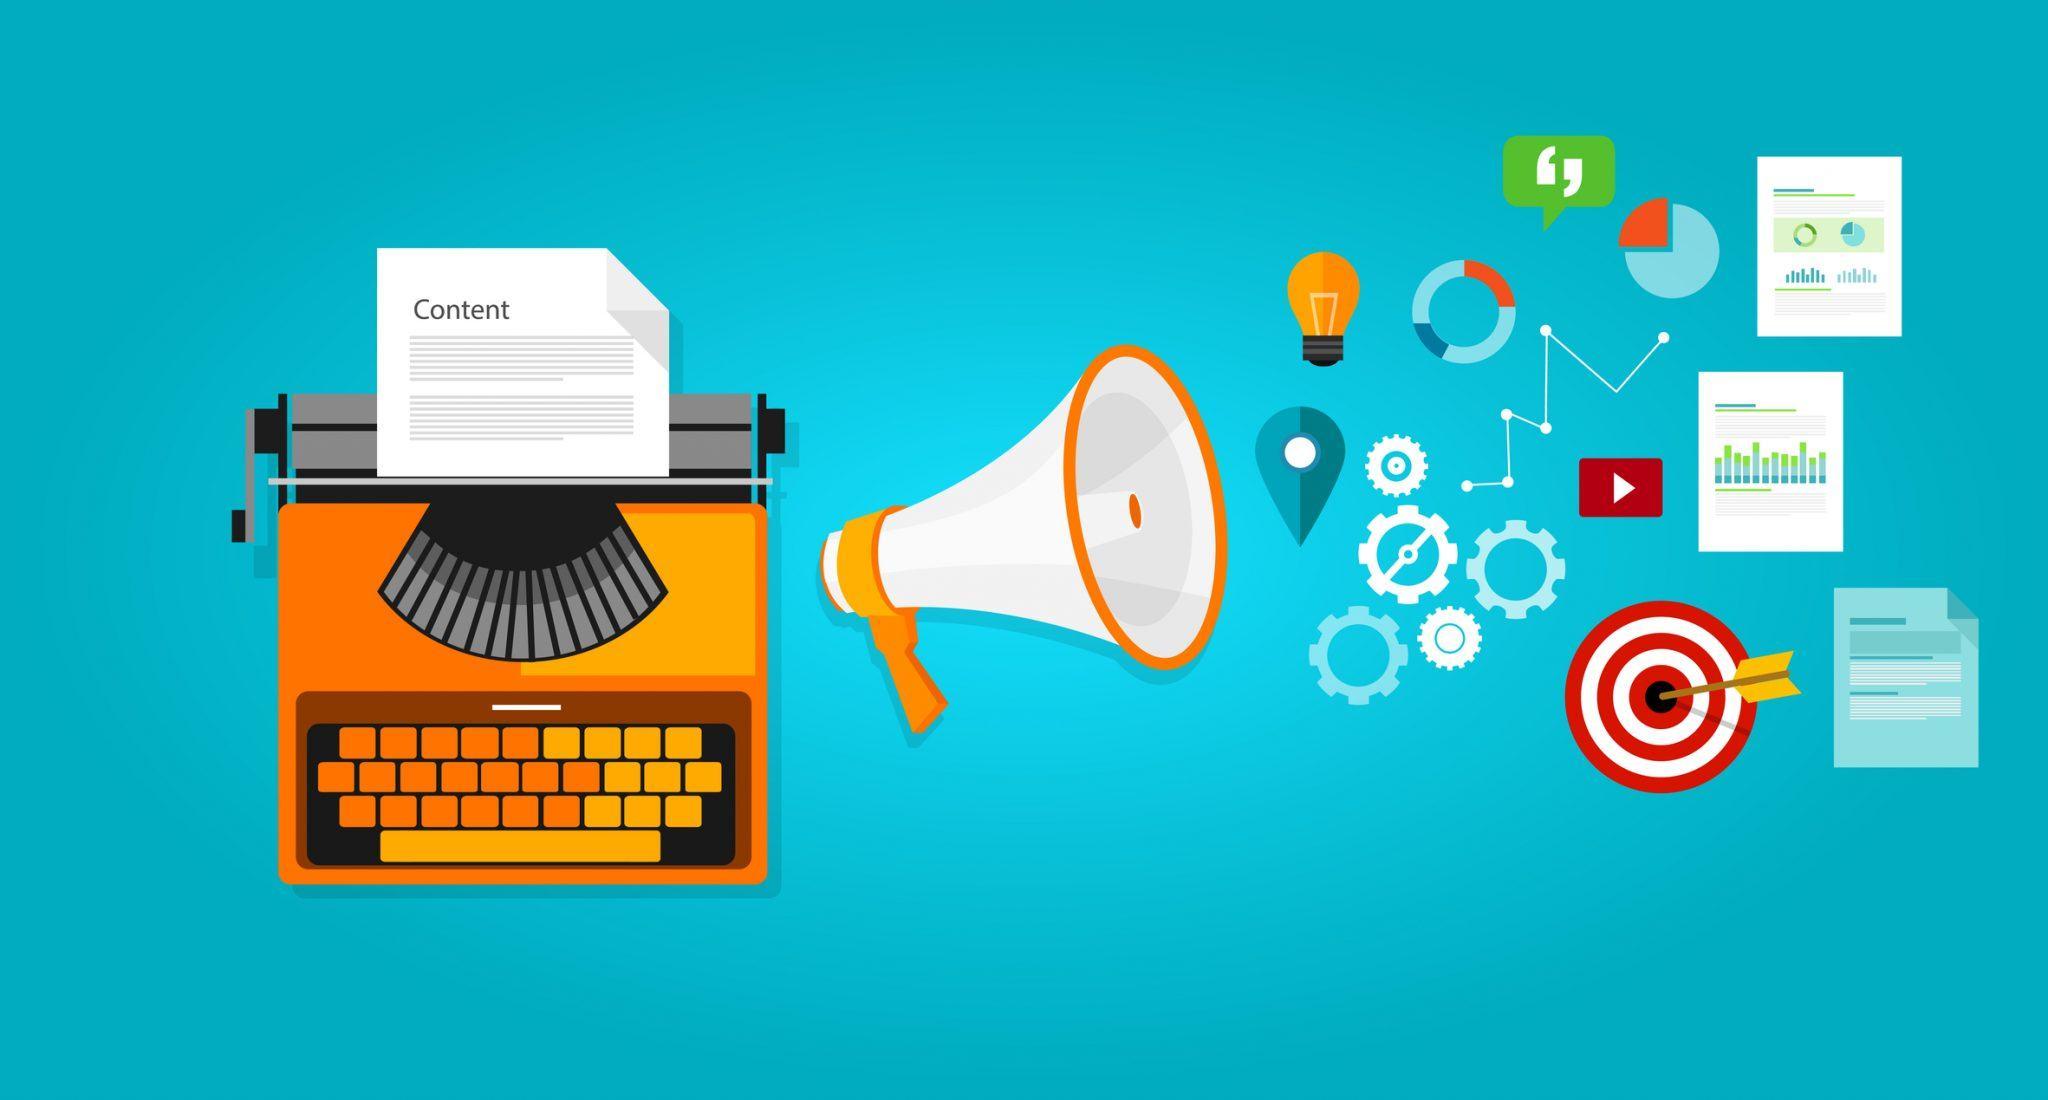 Tổng hợp các thuật ngữ thường dùng trong Marketing - image e-commerce on https://atpsoftware.vn